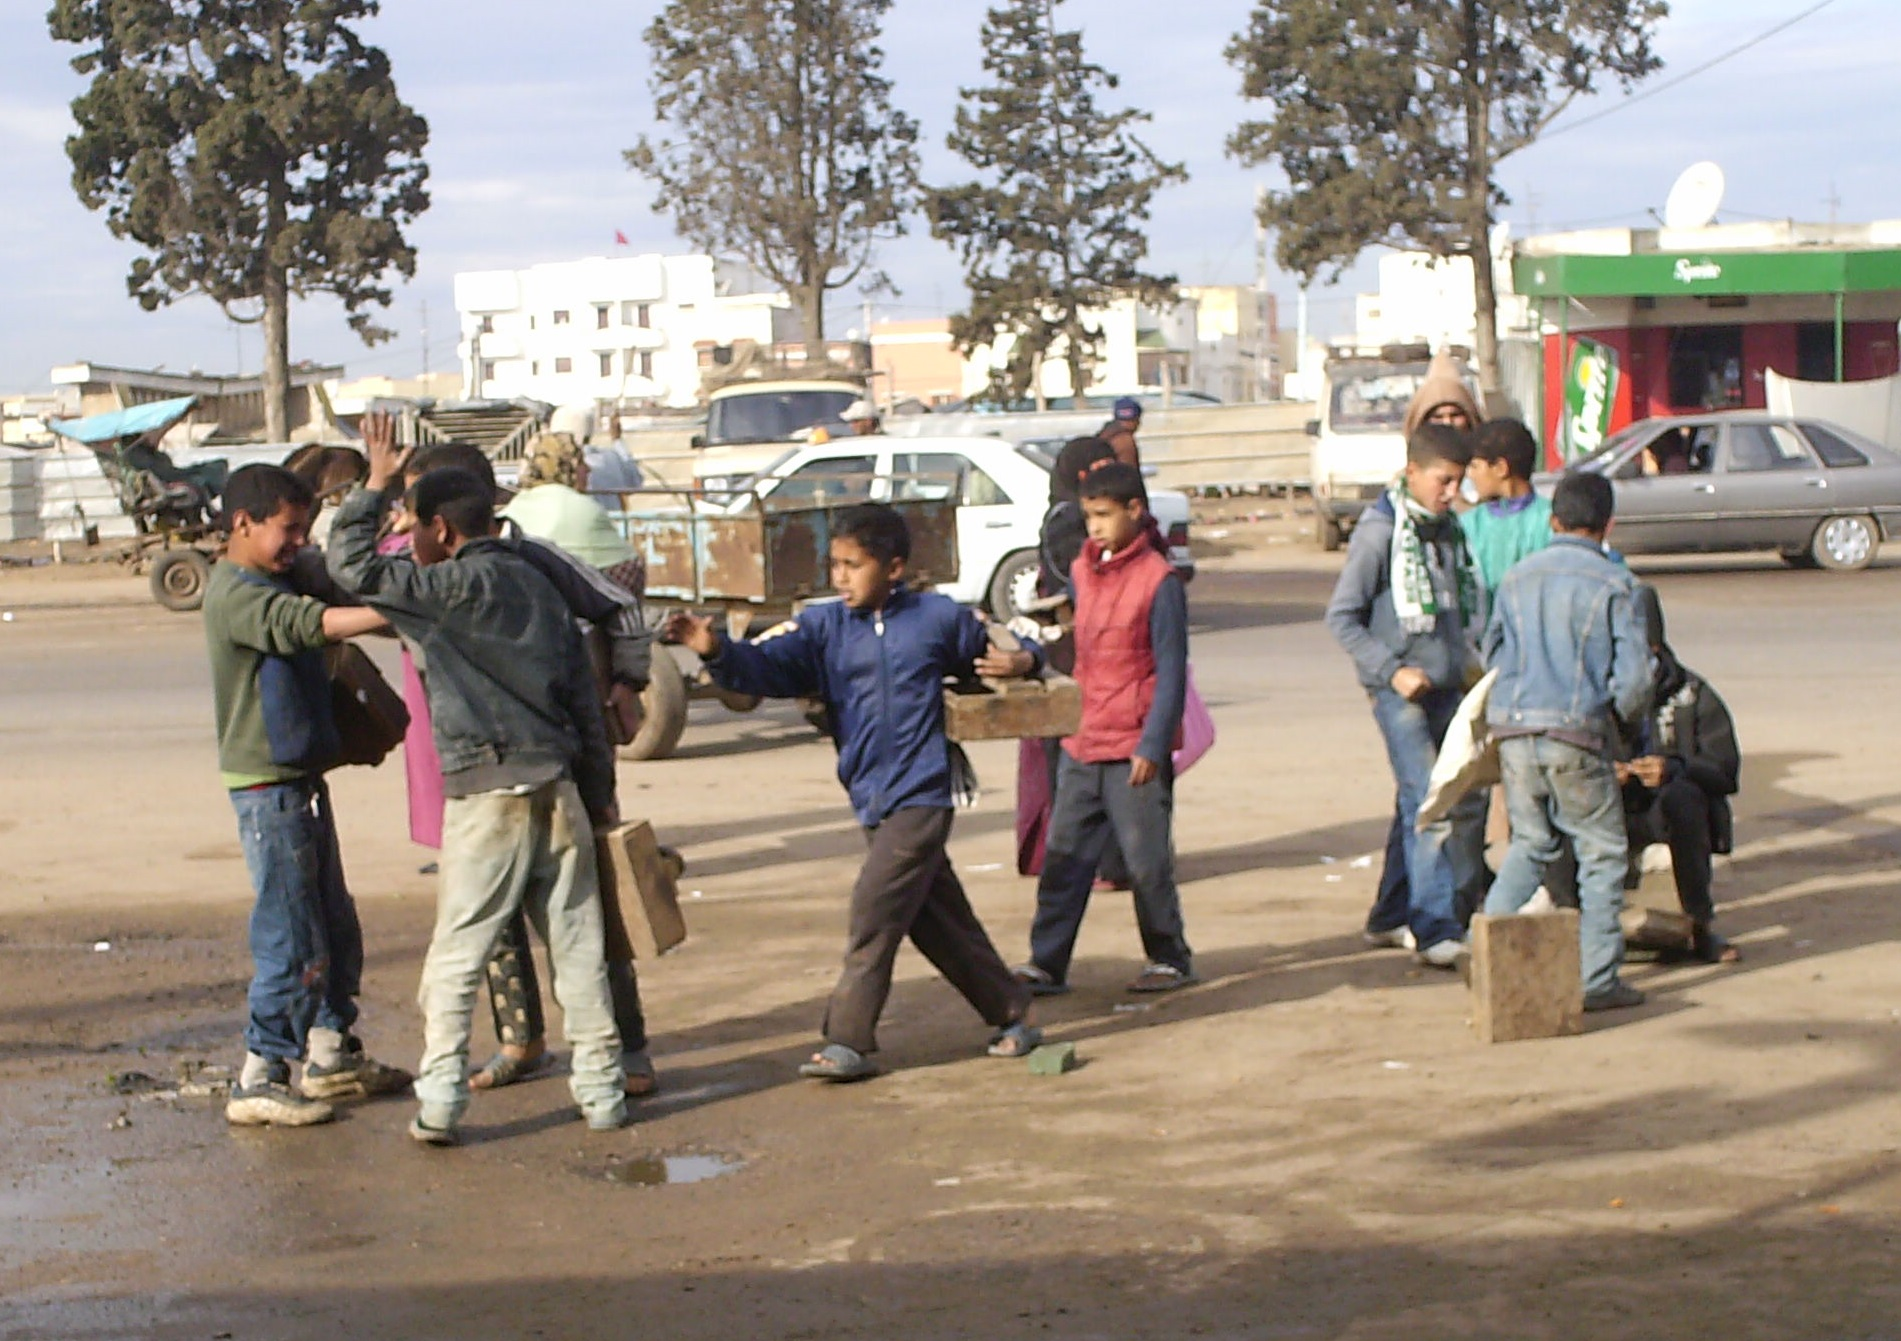 Des enfants cireurs au Maroc. Un travail rabaissant banni en Algérie. D. R.